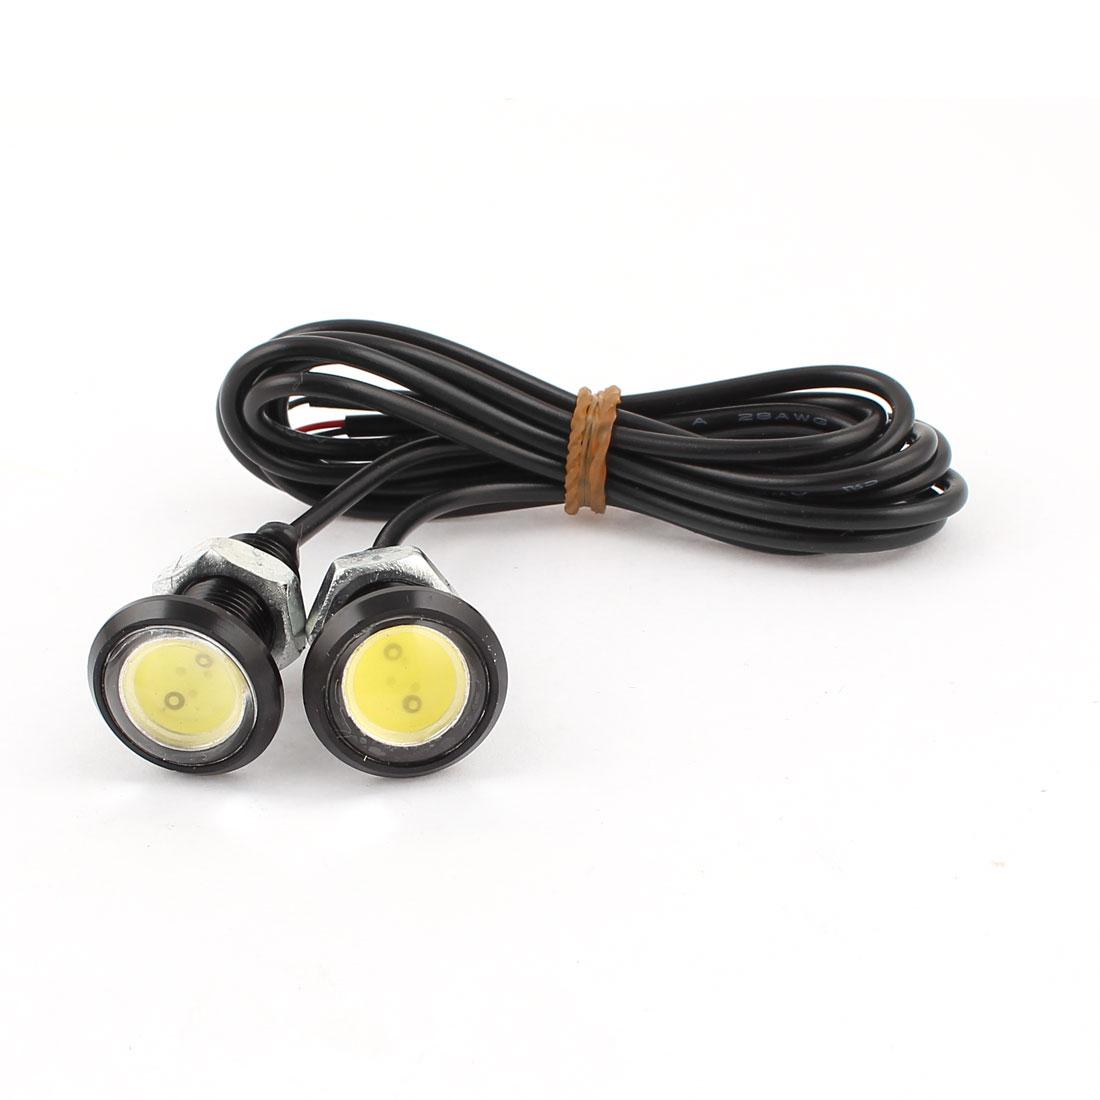 2 Pcs Thread Mount COB Eagle Eye White Light Fog Daytime Running Tail Sidelight Bulb